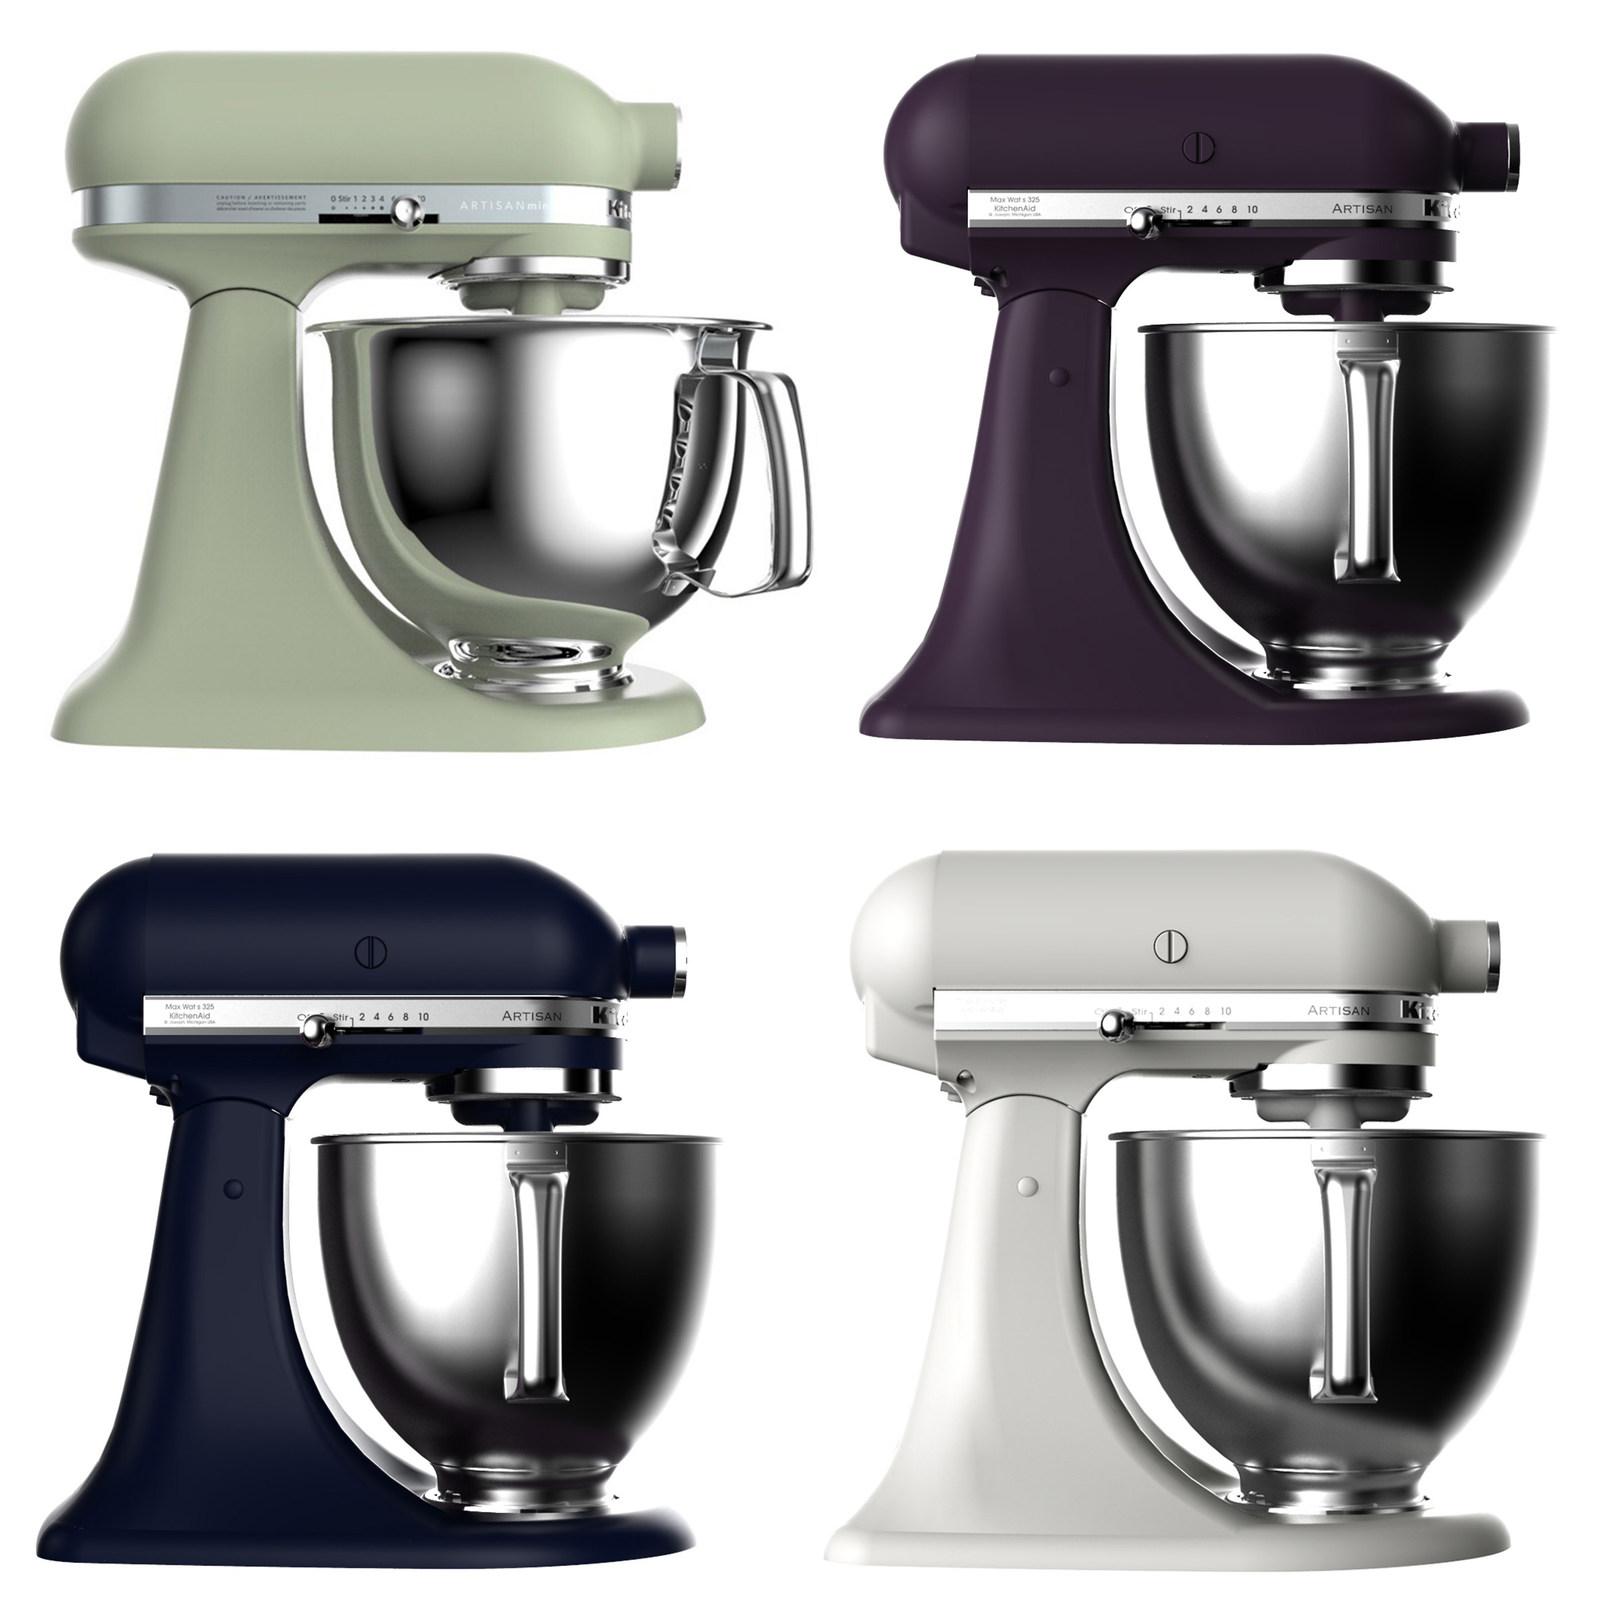 Kitchenaid Unveils Covetable New Colors At Housewares Show